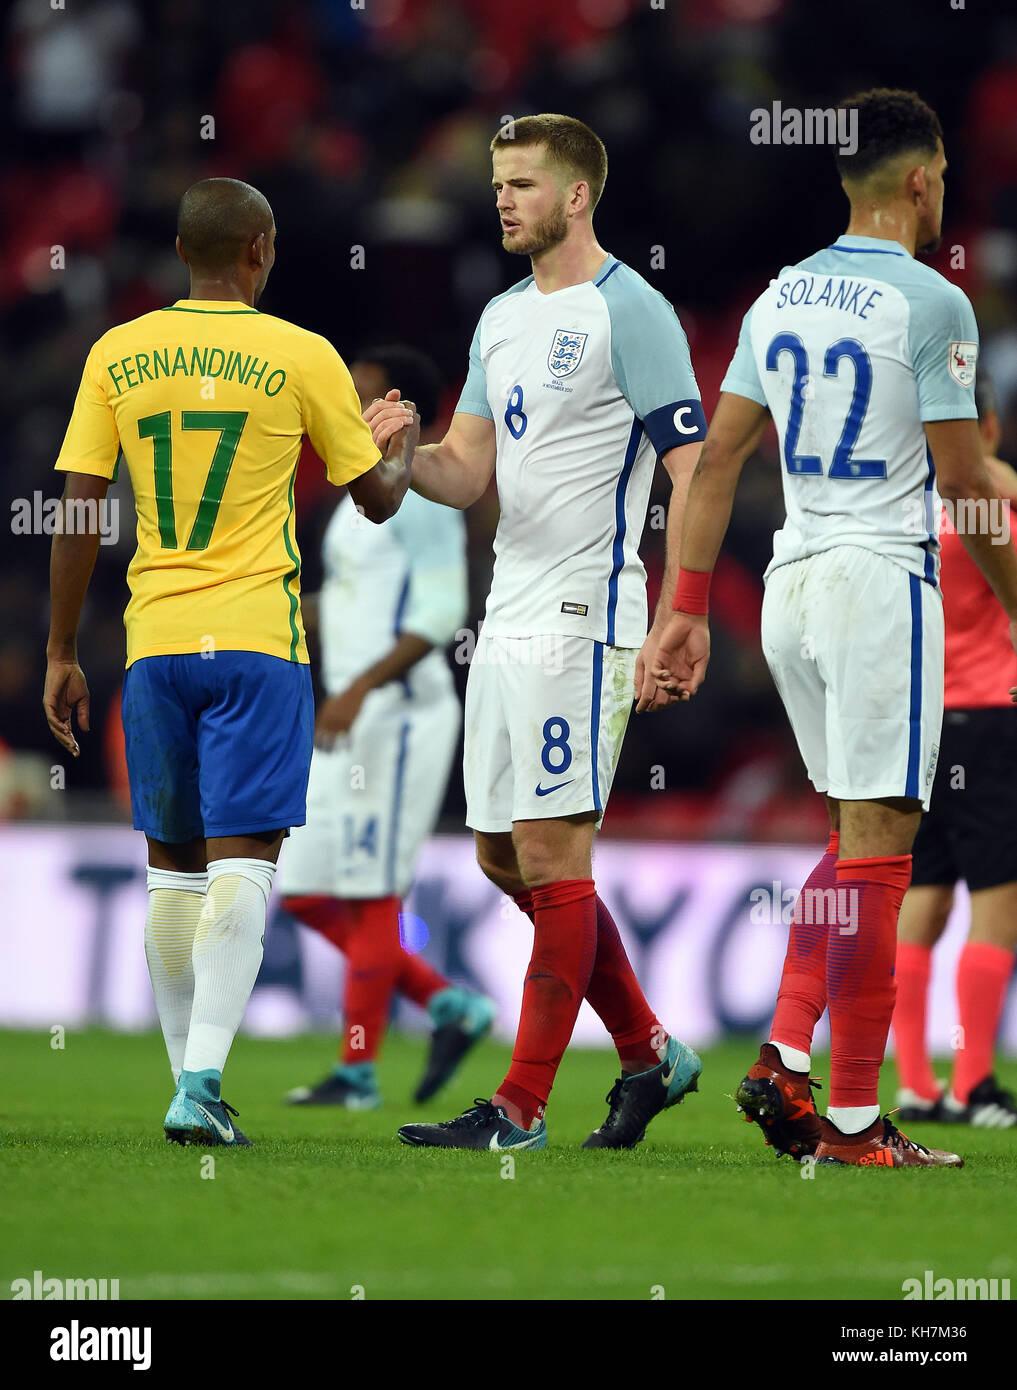 Brésilienne datant du Royaume-Uni